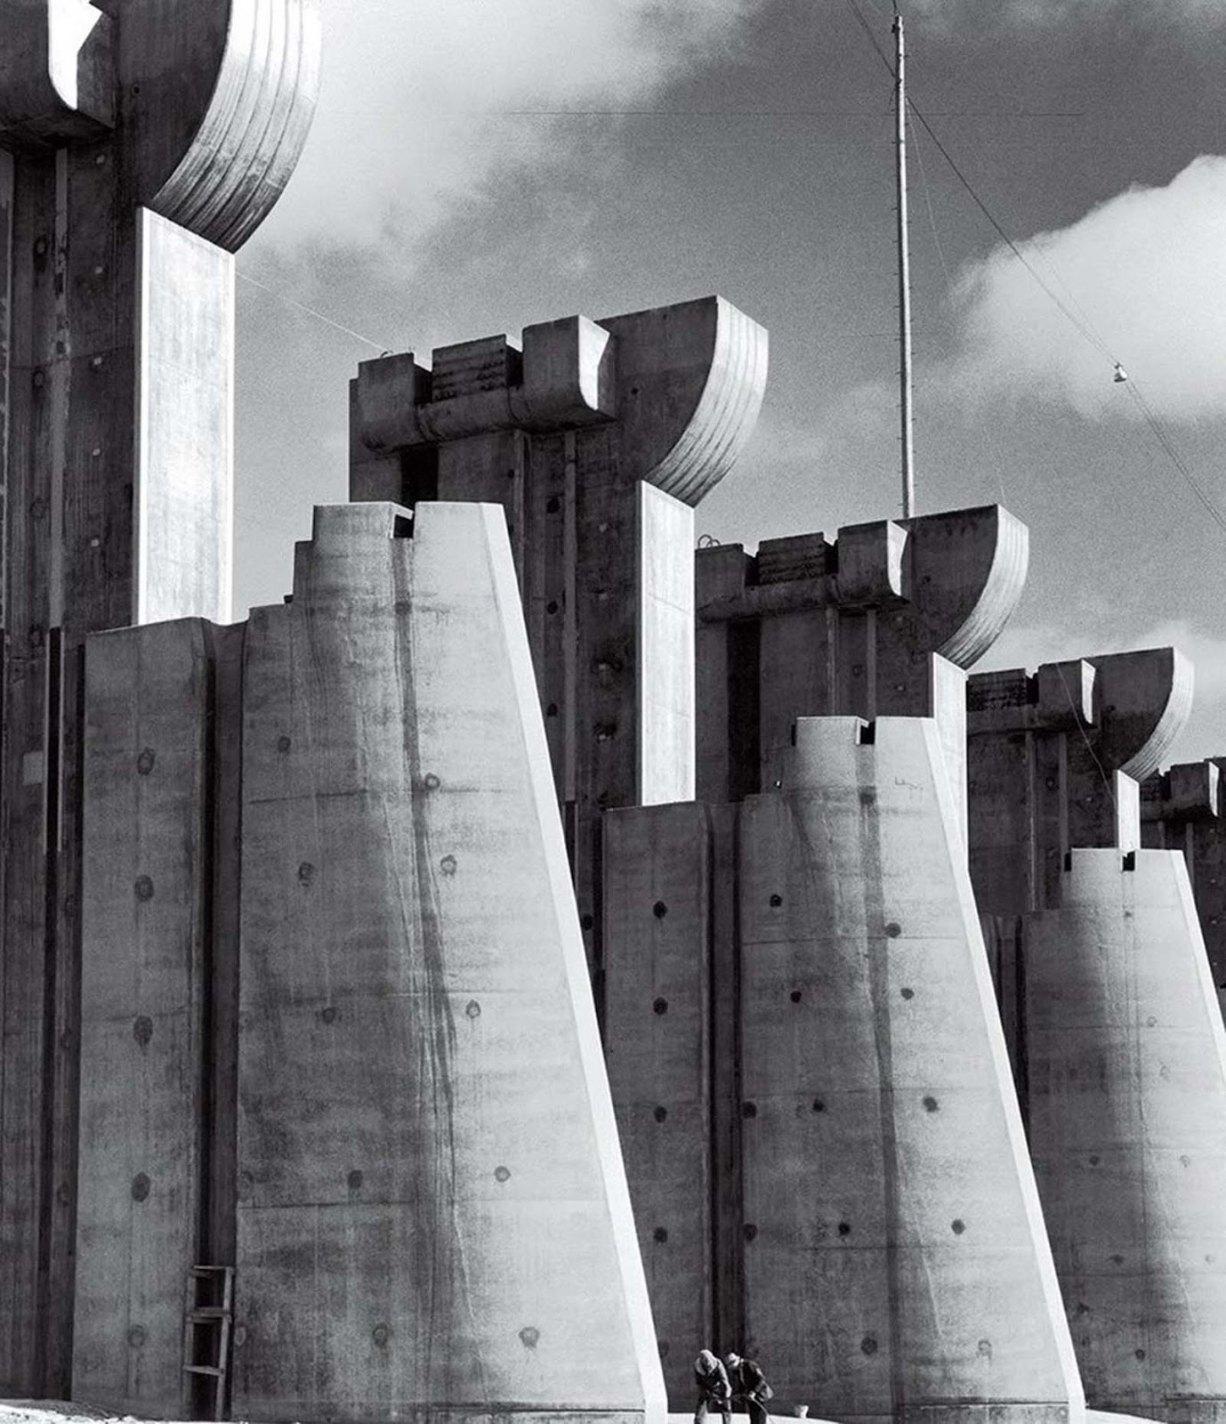 Fort Peck Dam, Margaret Bourke-White, 1936